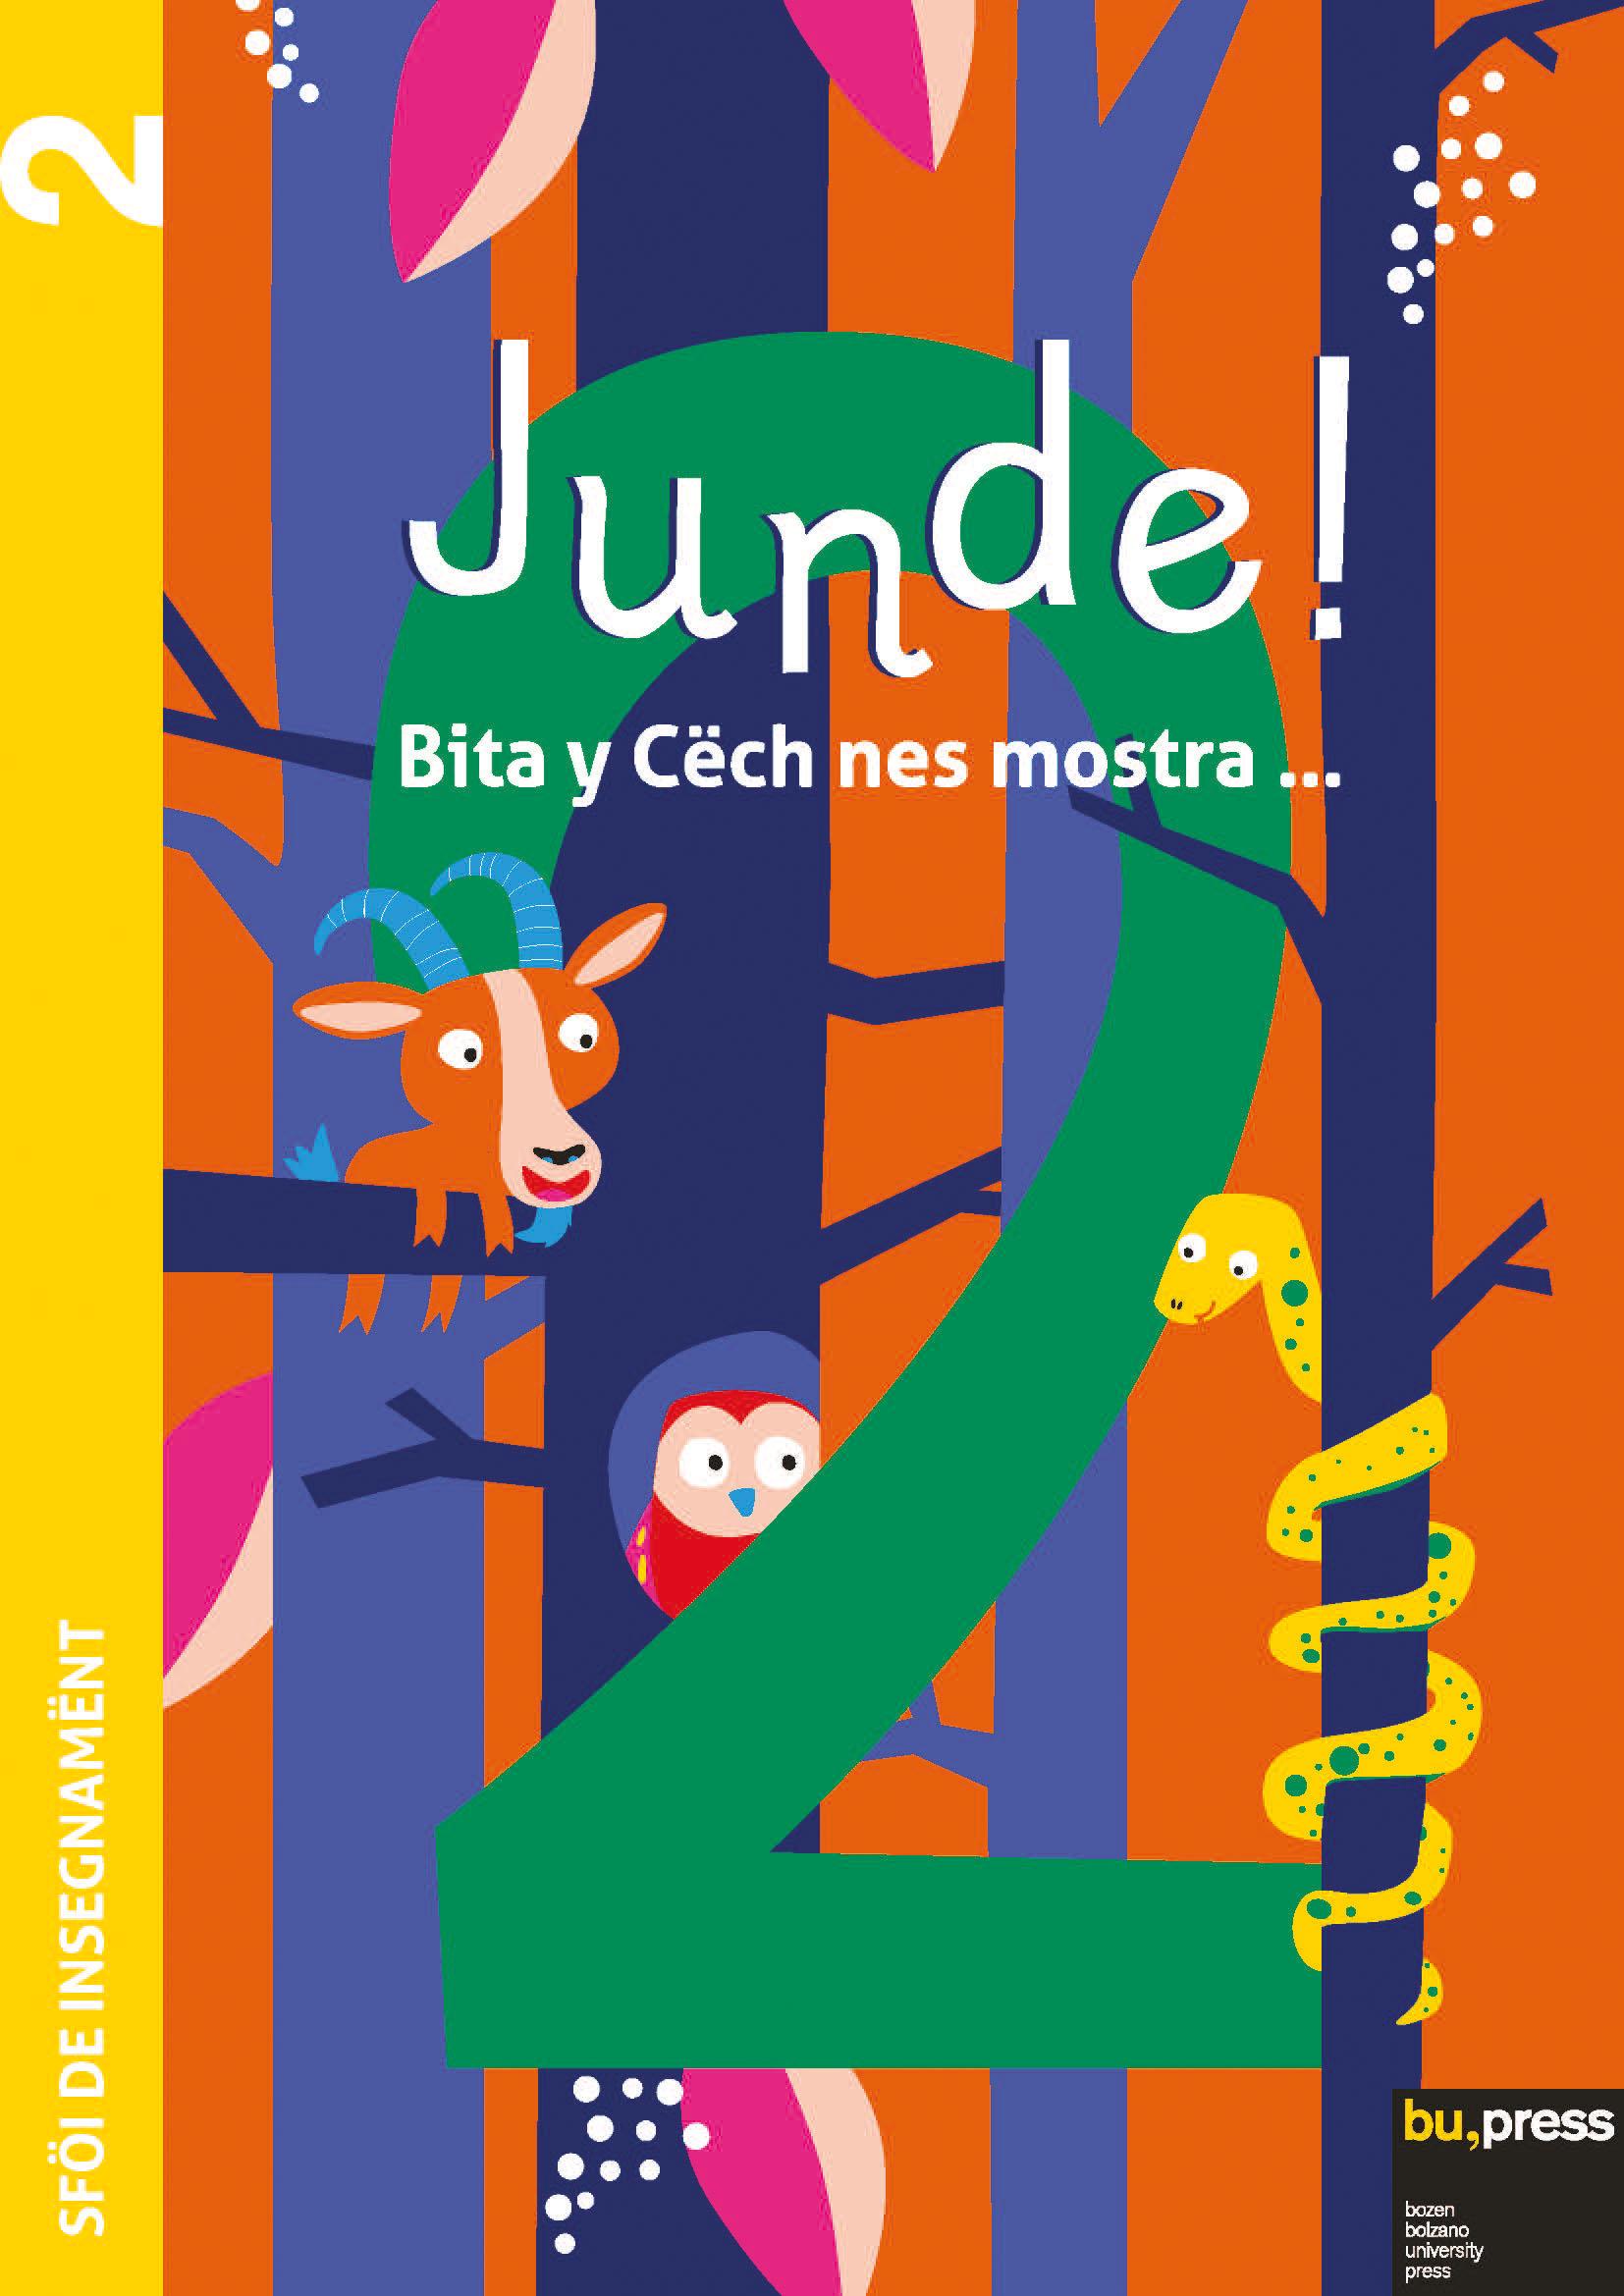 Cover of Junde! 2 – Sföi de insegnamënt